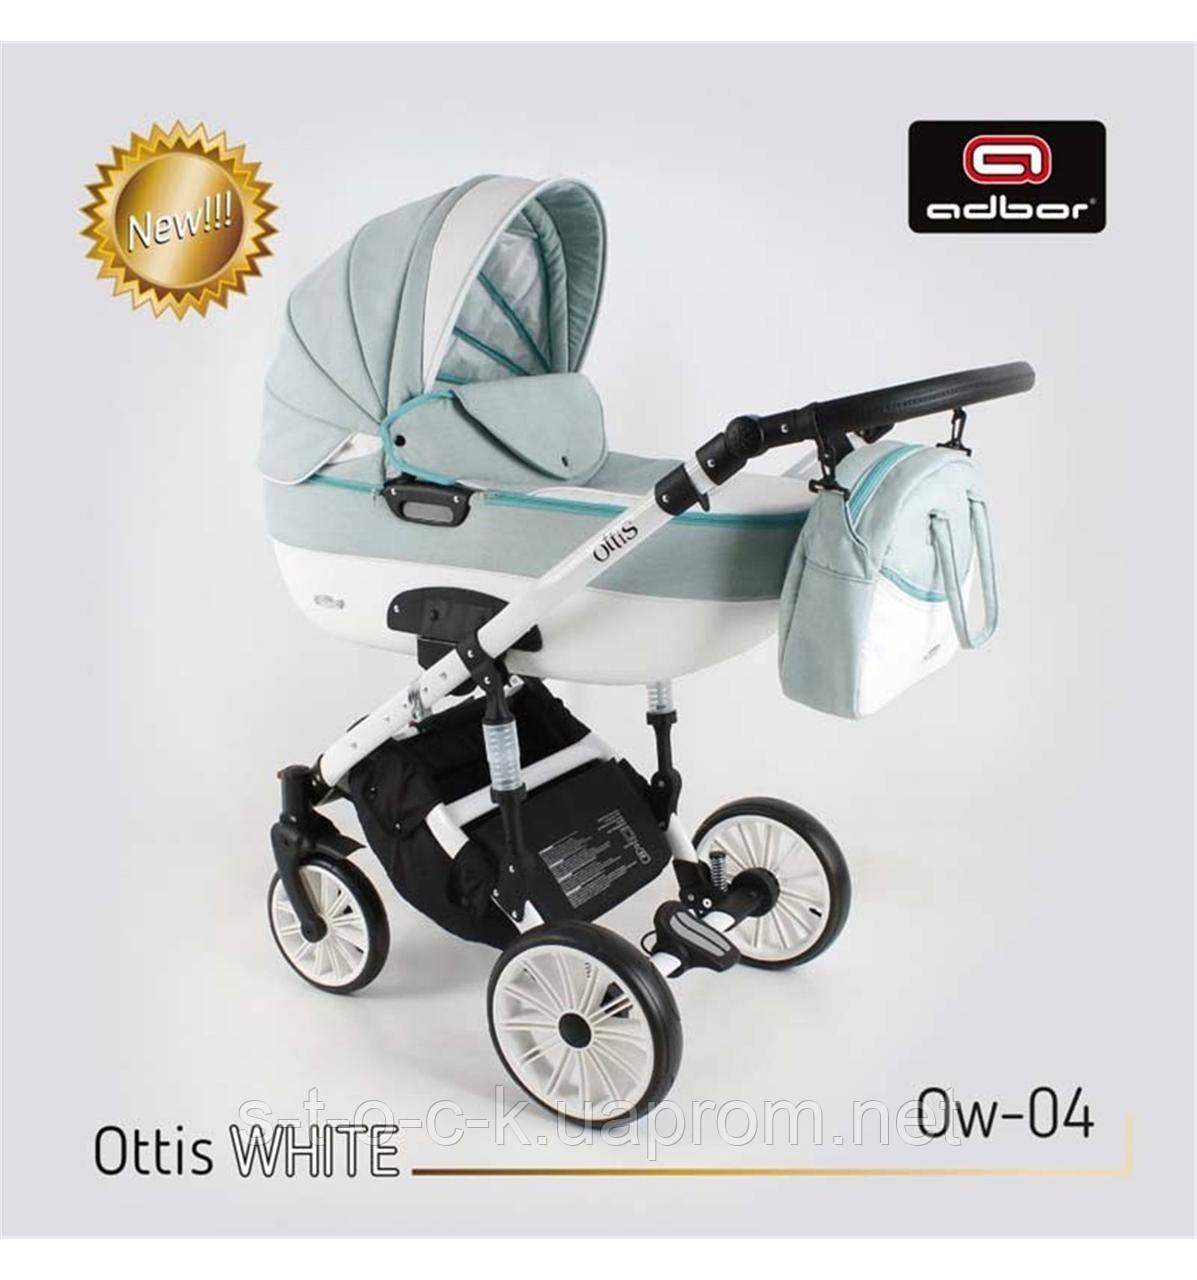 Детская многофункциональная коляска Adbor OTTIS 2 в1.WHITE OW-04